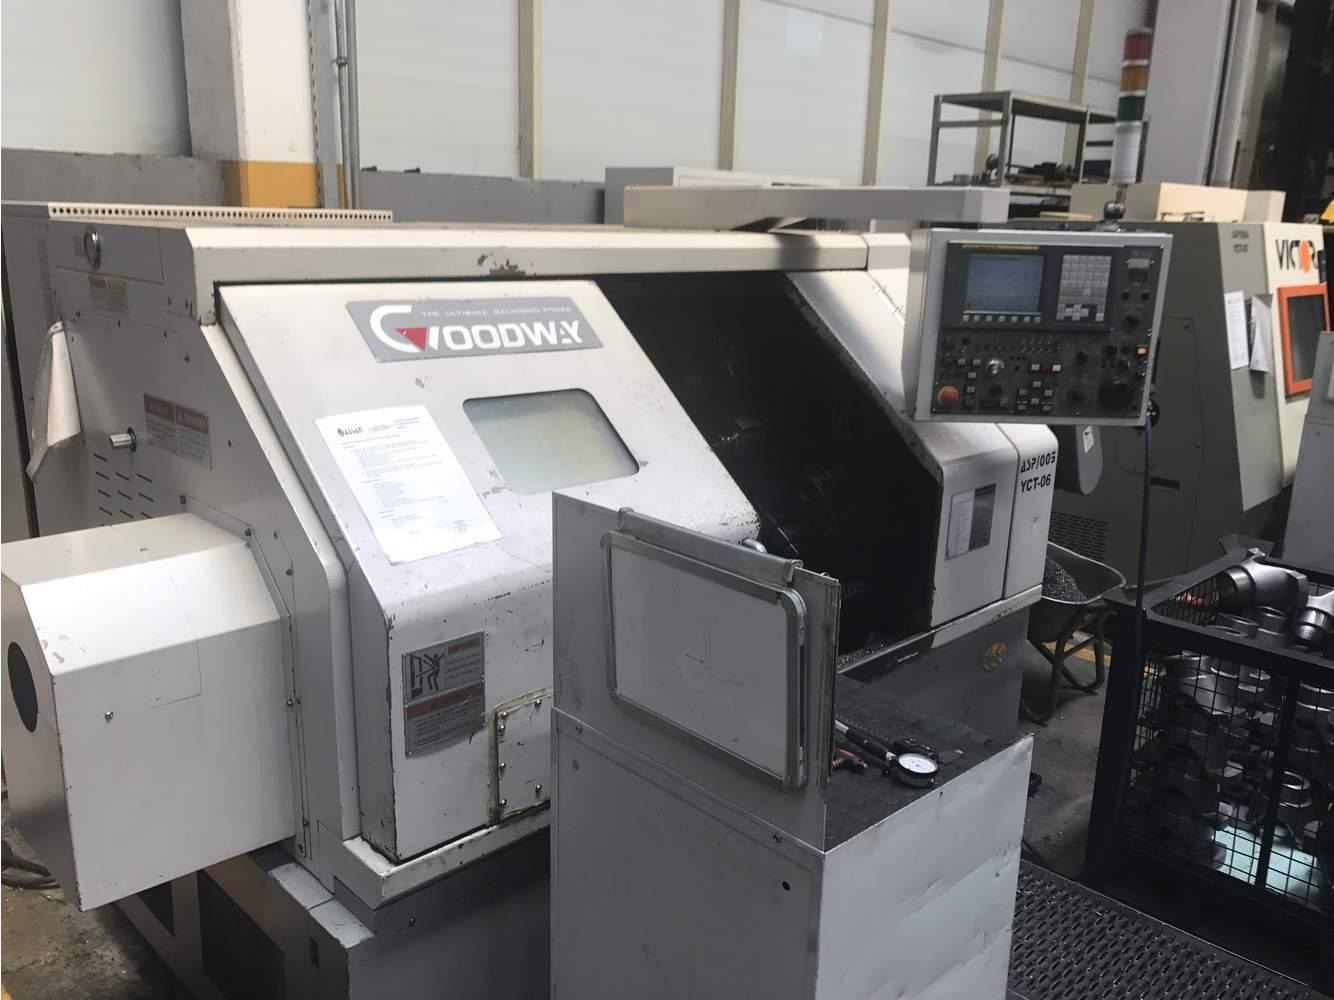 Обработка на токарных станках автоматах Токарный автомат Goodway